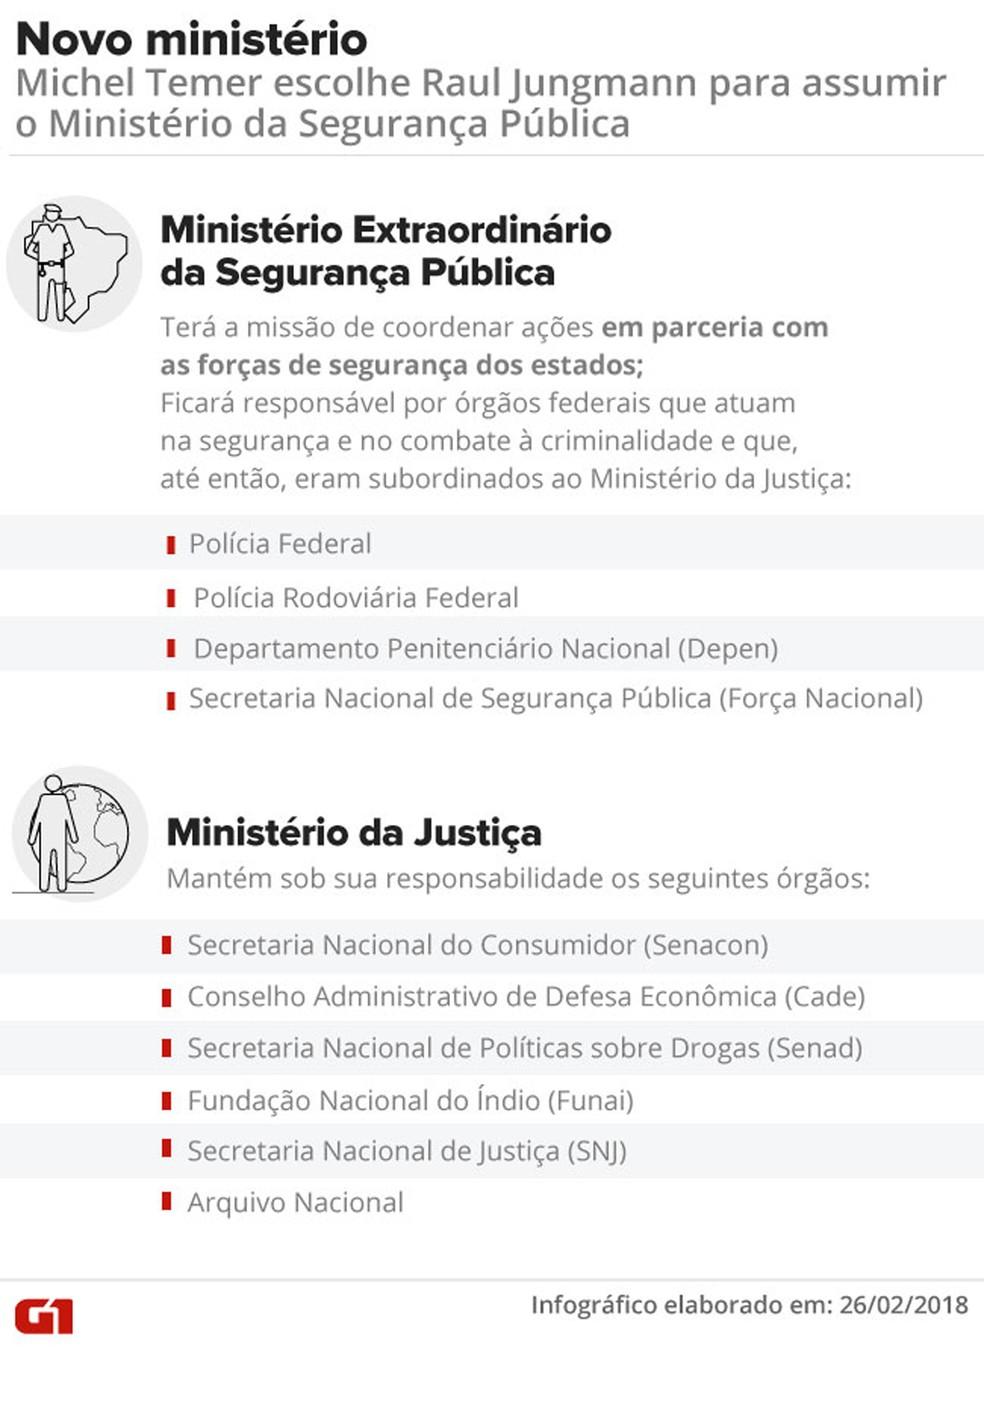 A estrutura do novo ministério da Segurança Pública (Foto: Arte/G1)